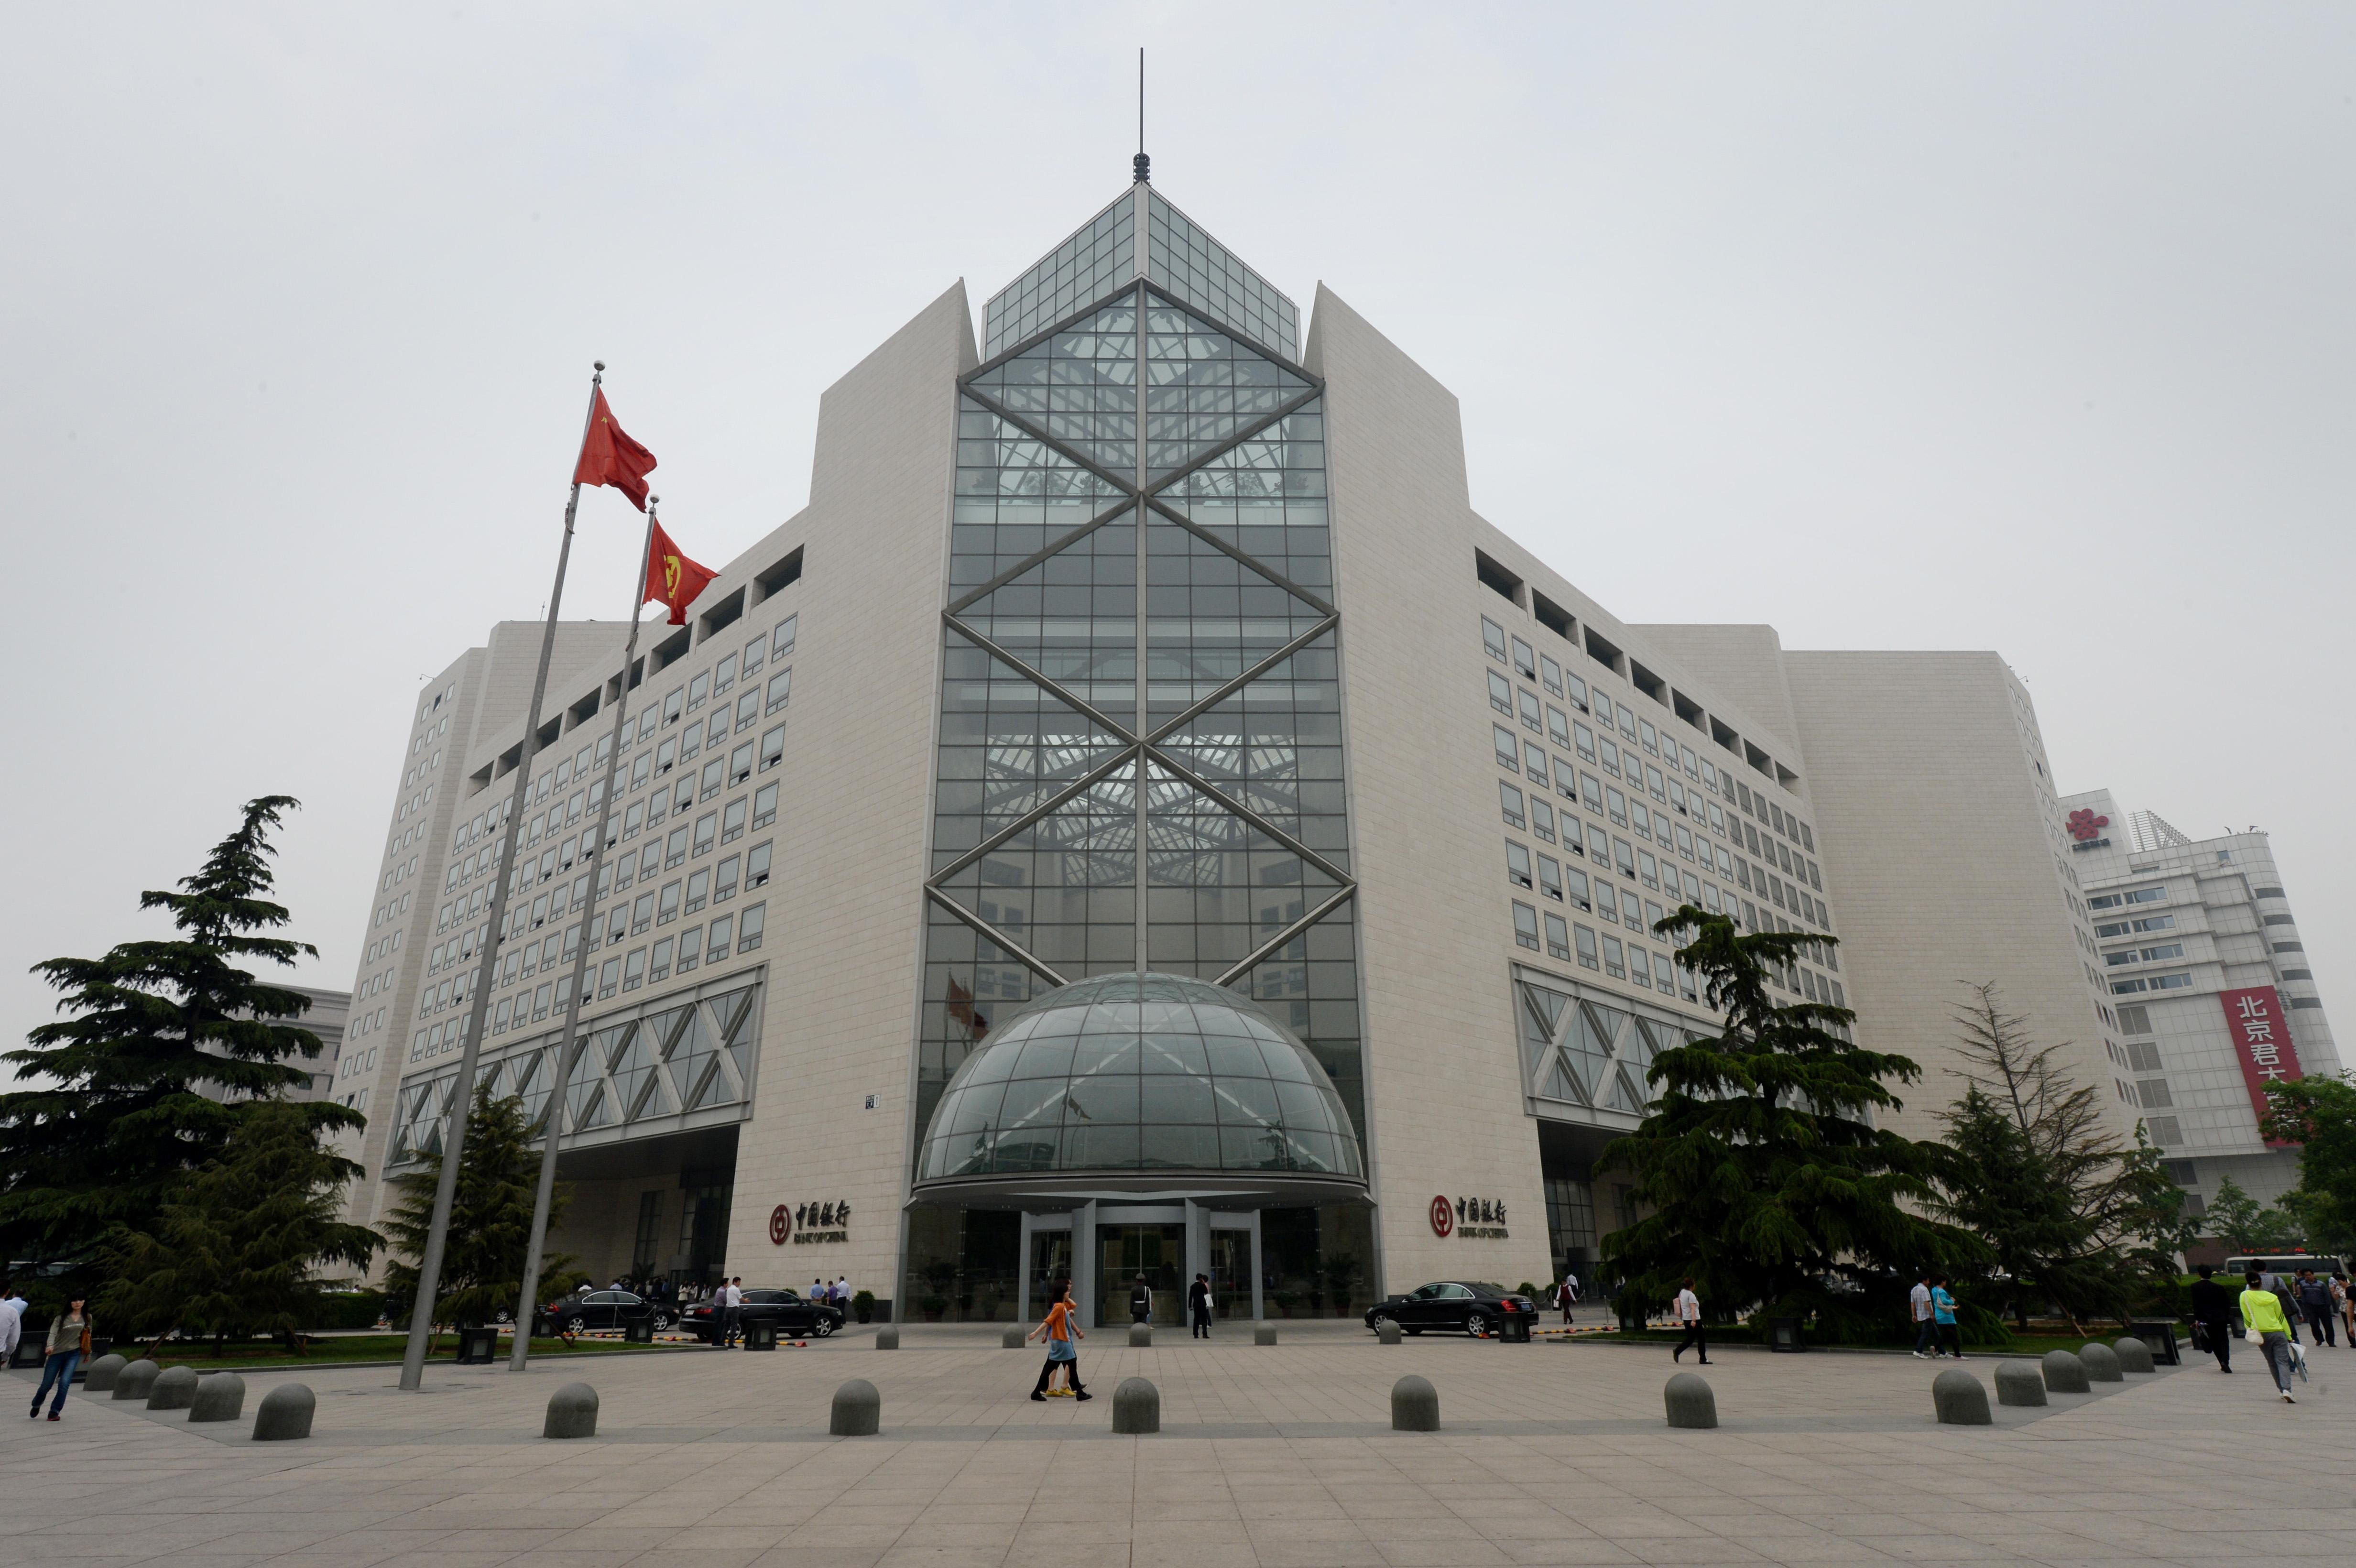 самых банк в китае фото братья выходили променад